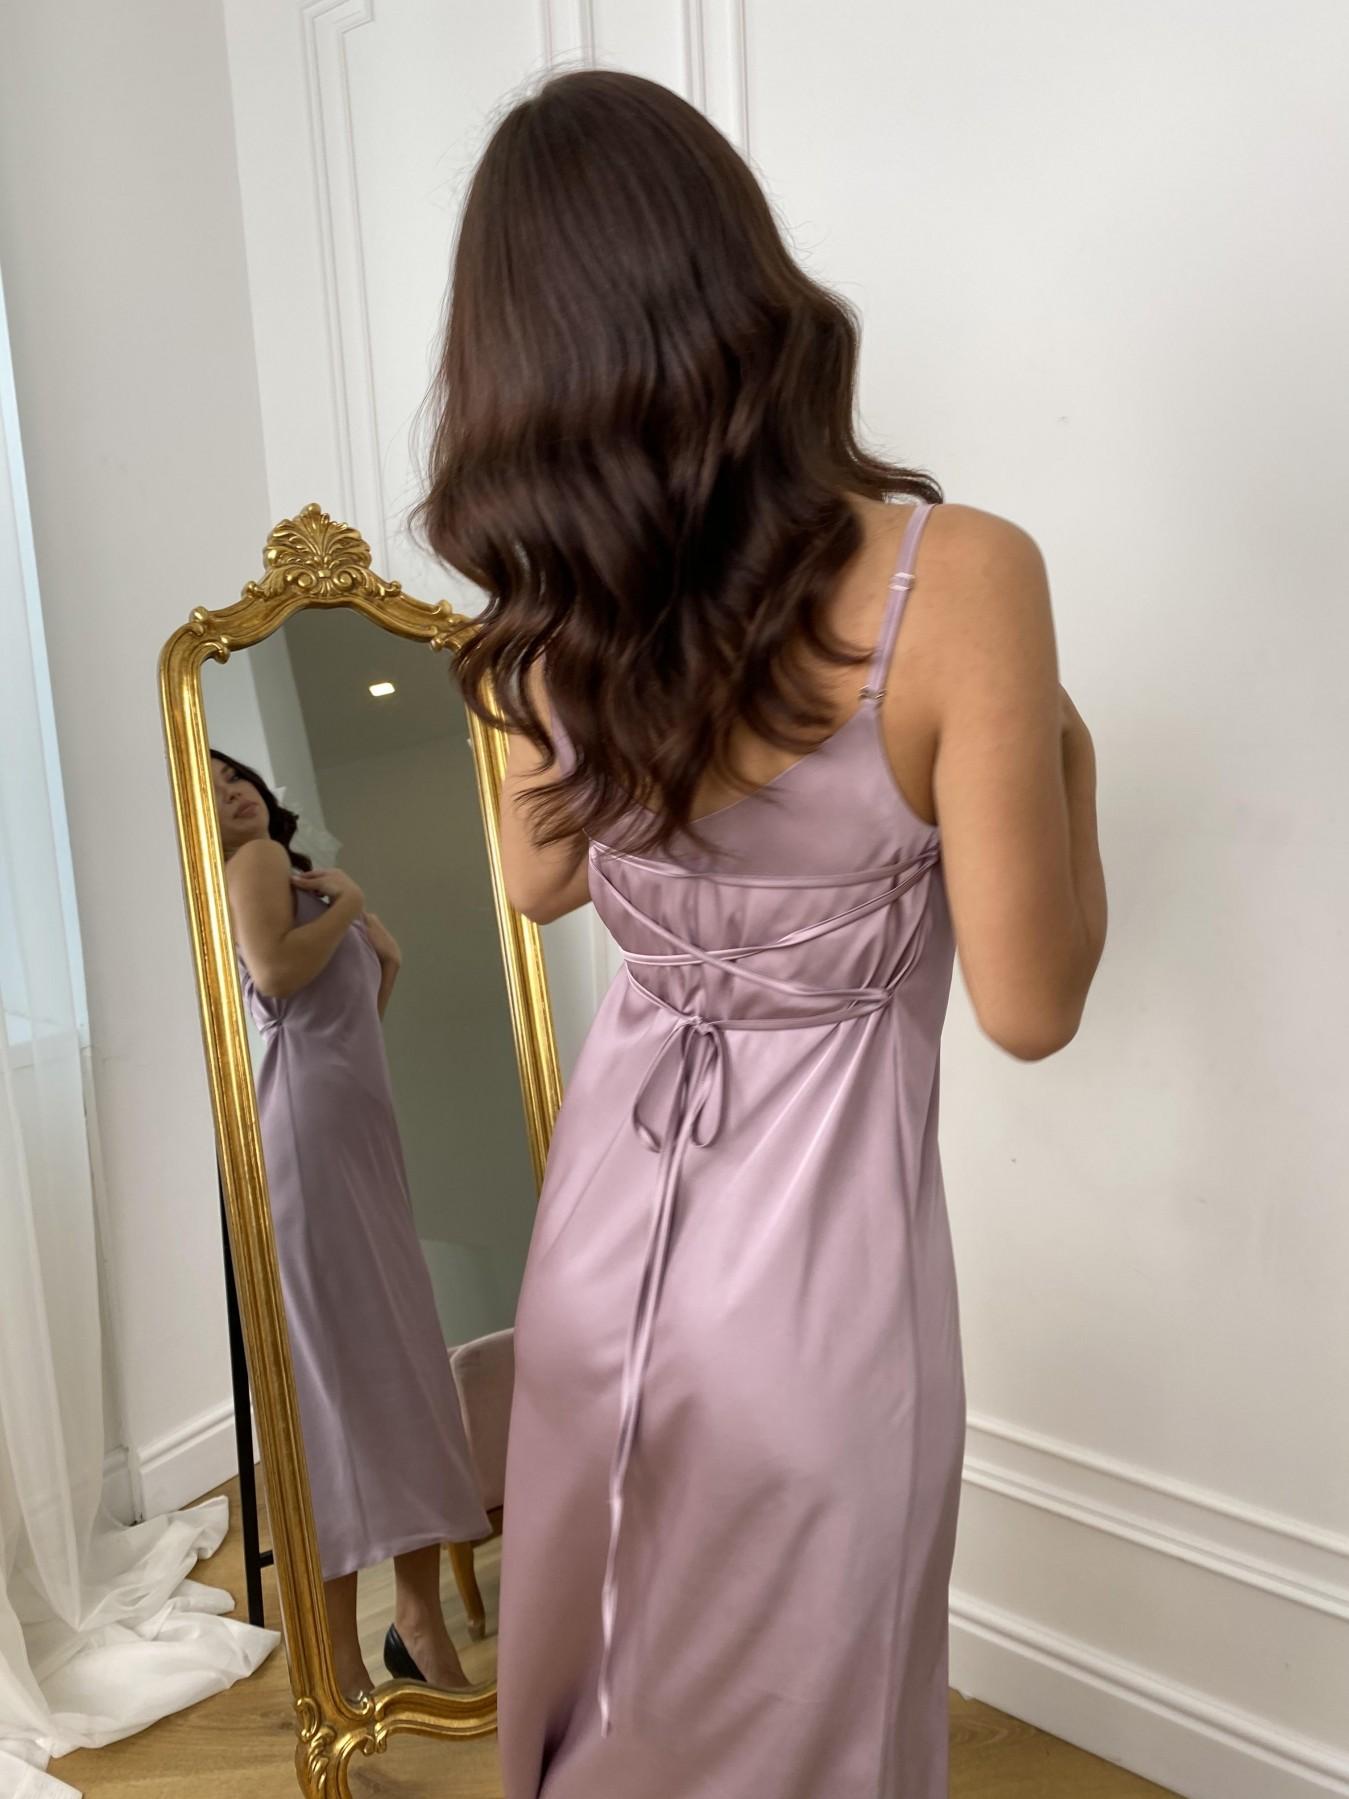 Камая Шелк платье 10605 АРТ. 46970 Цвет: Пудра - фото 3, интернет магазин tm-modus.ru